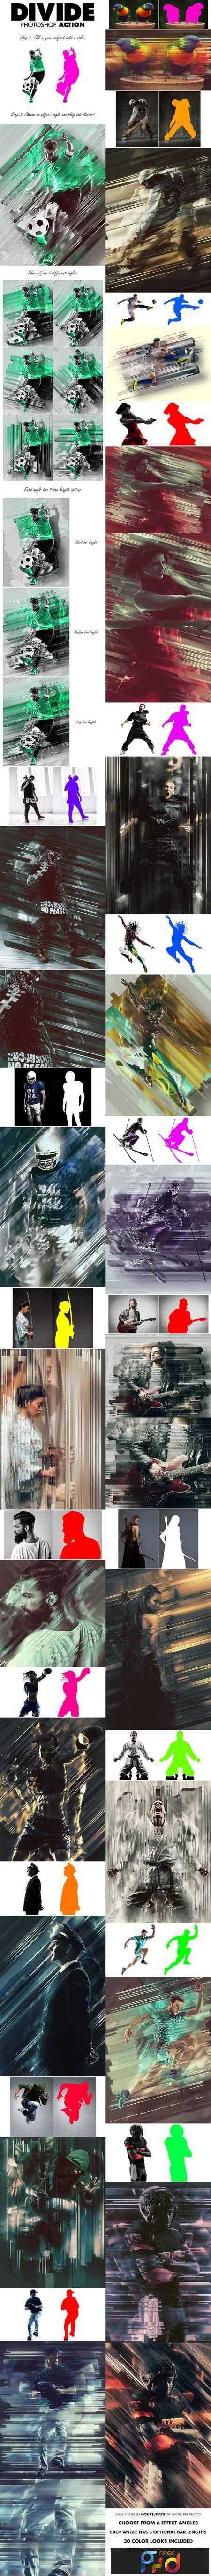 FreePsdVn.com_1702006_PHOTOSHOP_divide_photoshop_action_16760972